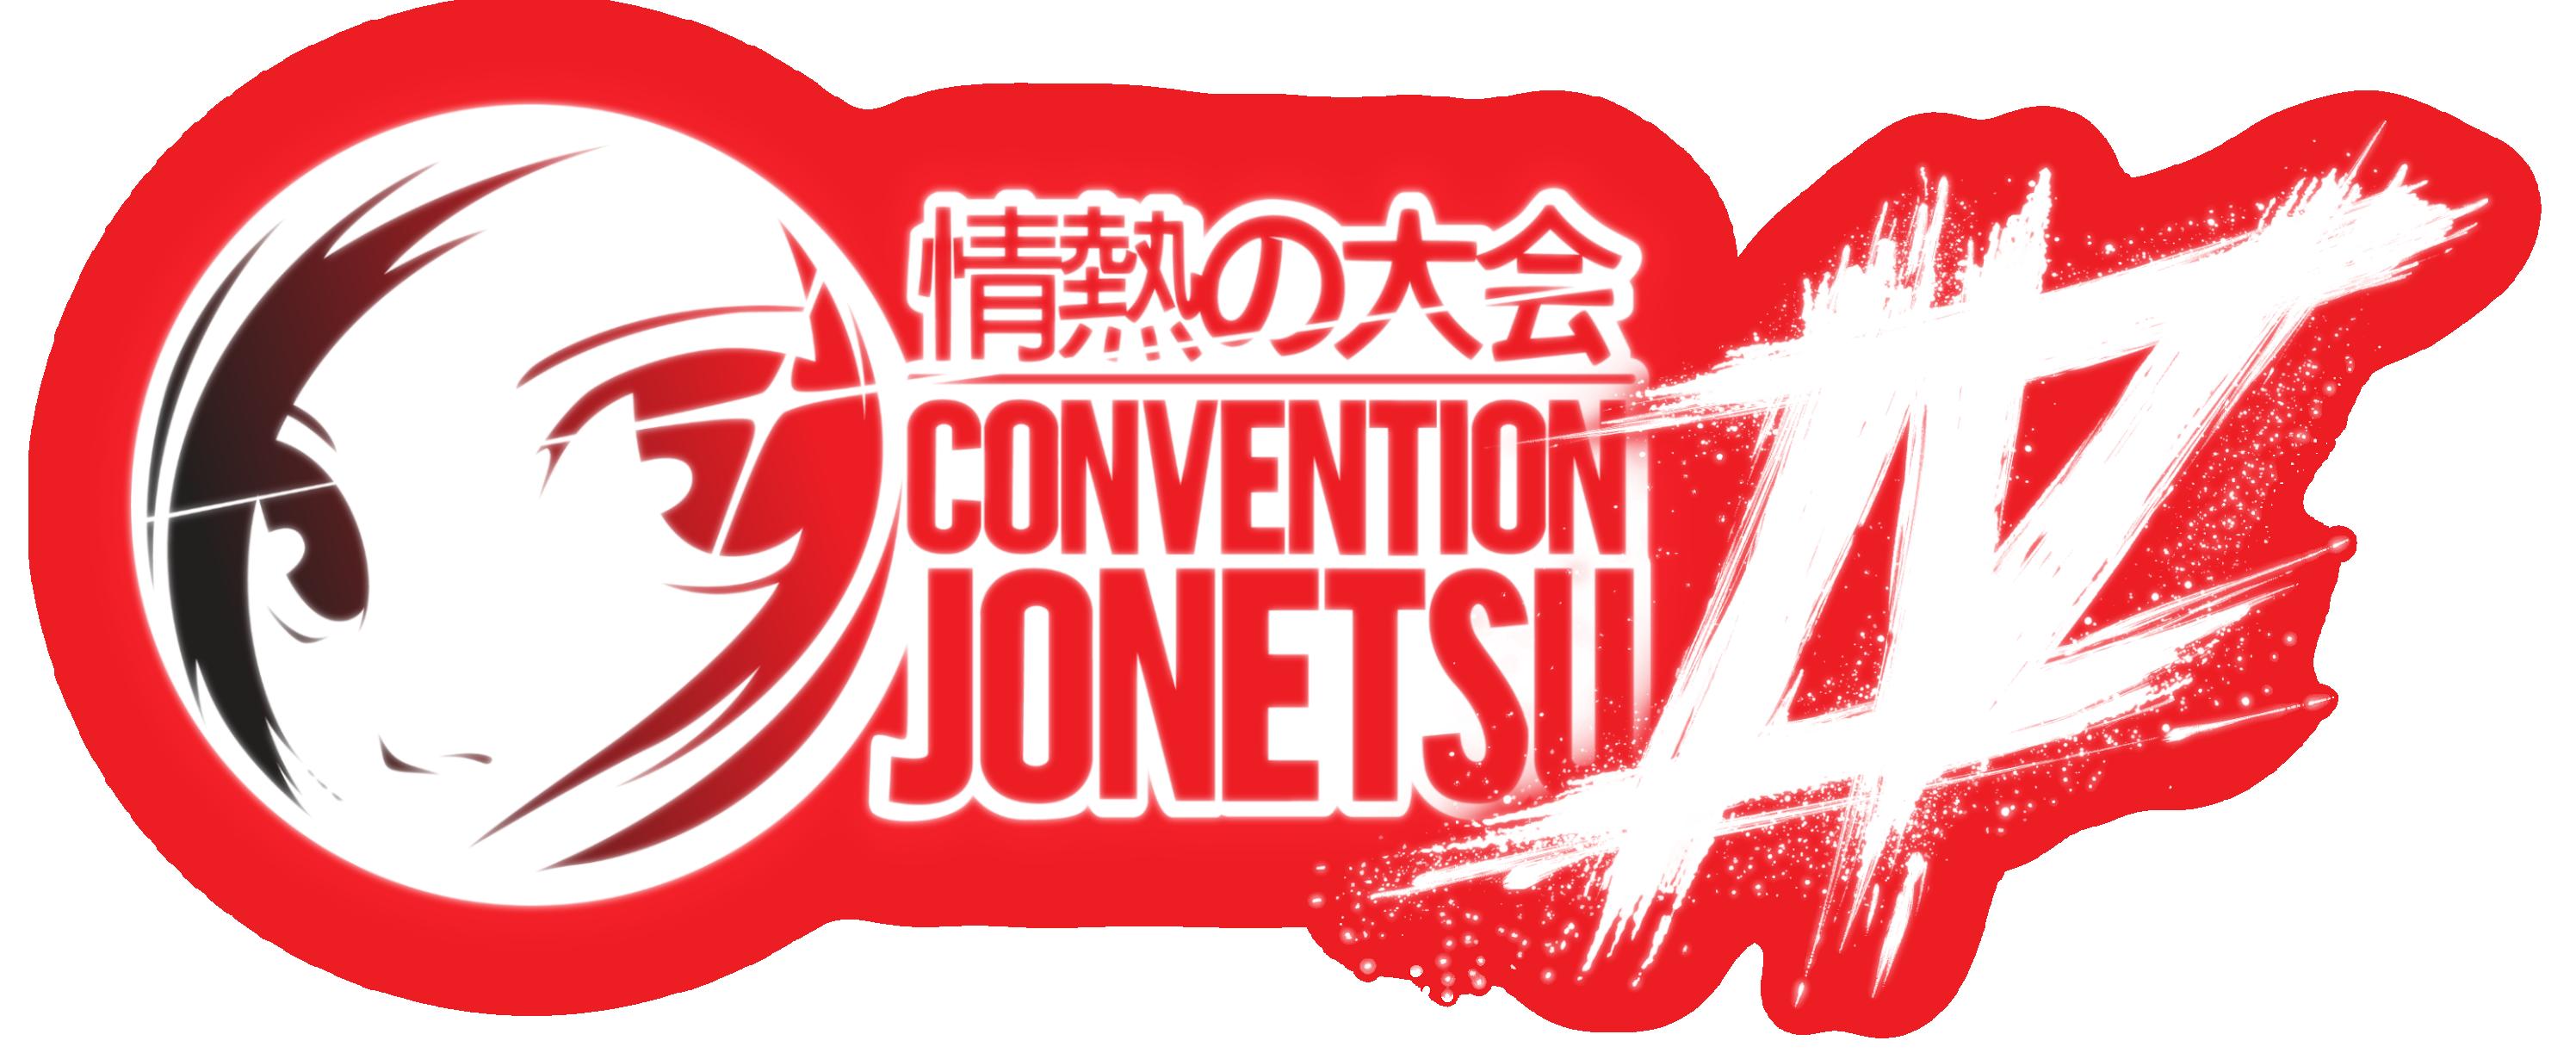 Editions Precedentes Jonetsu Jonetsu